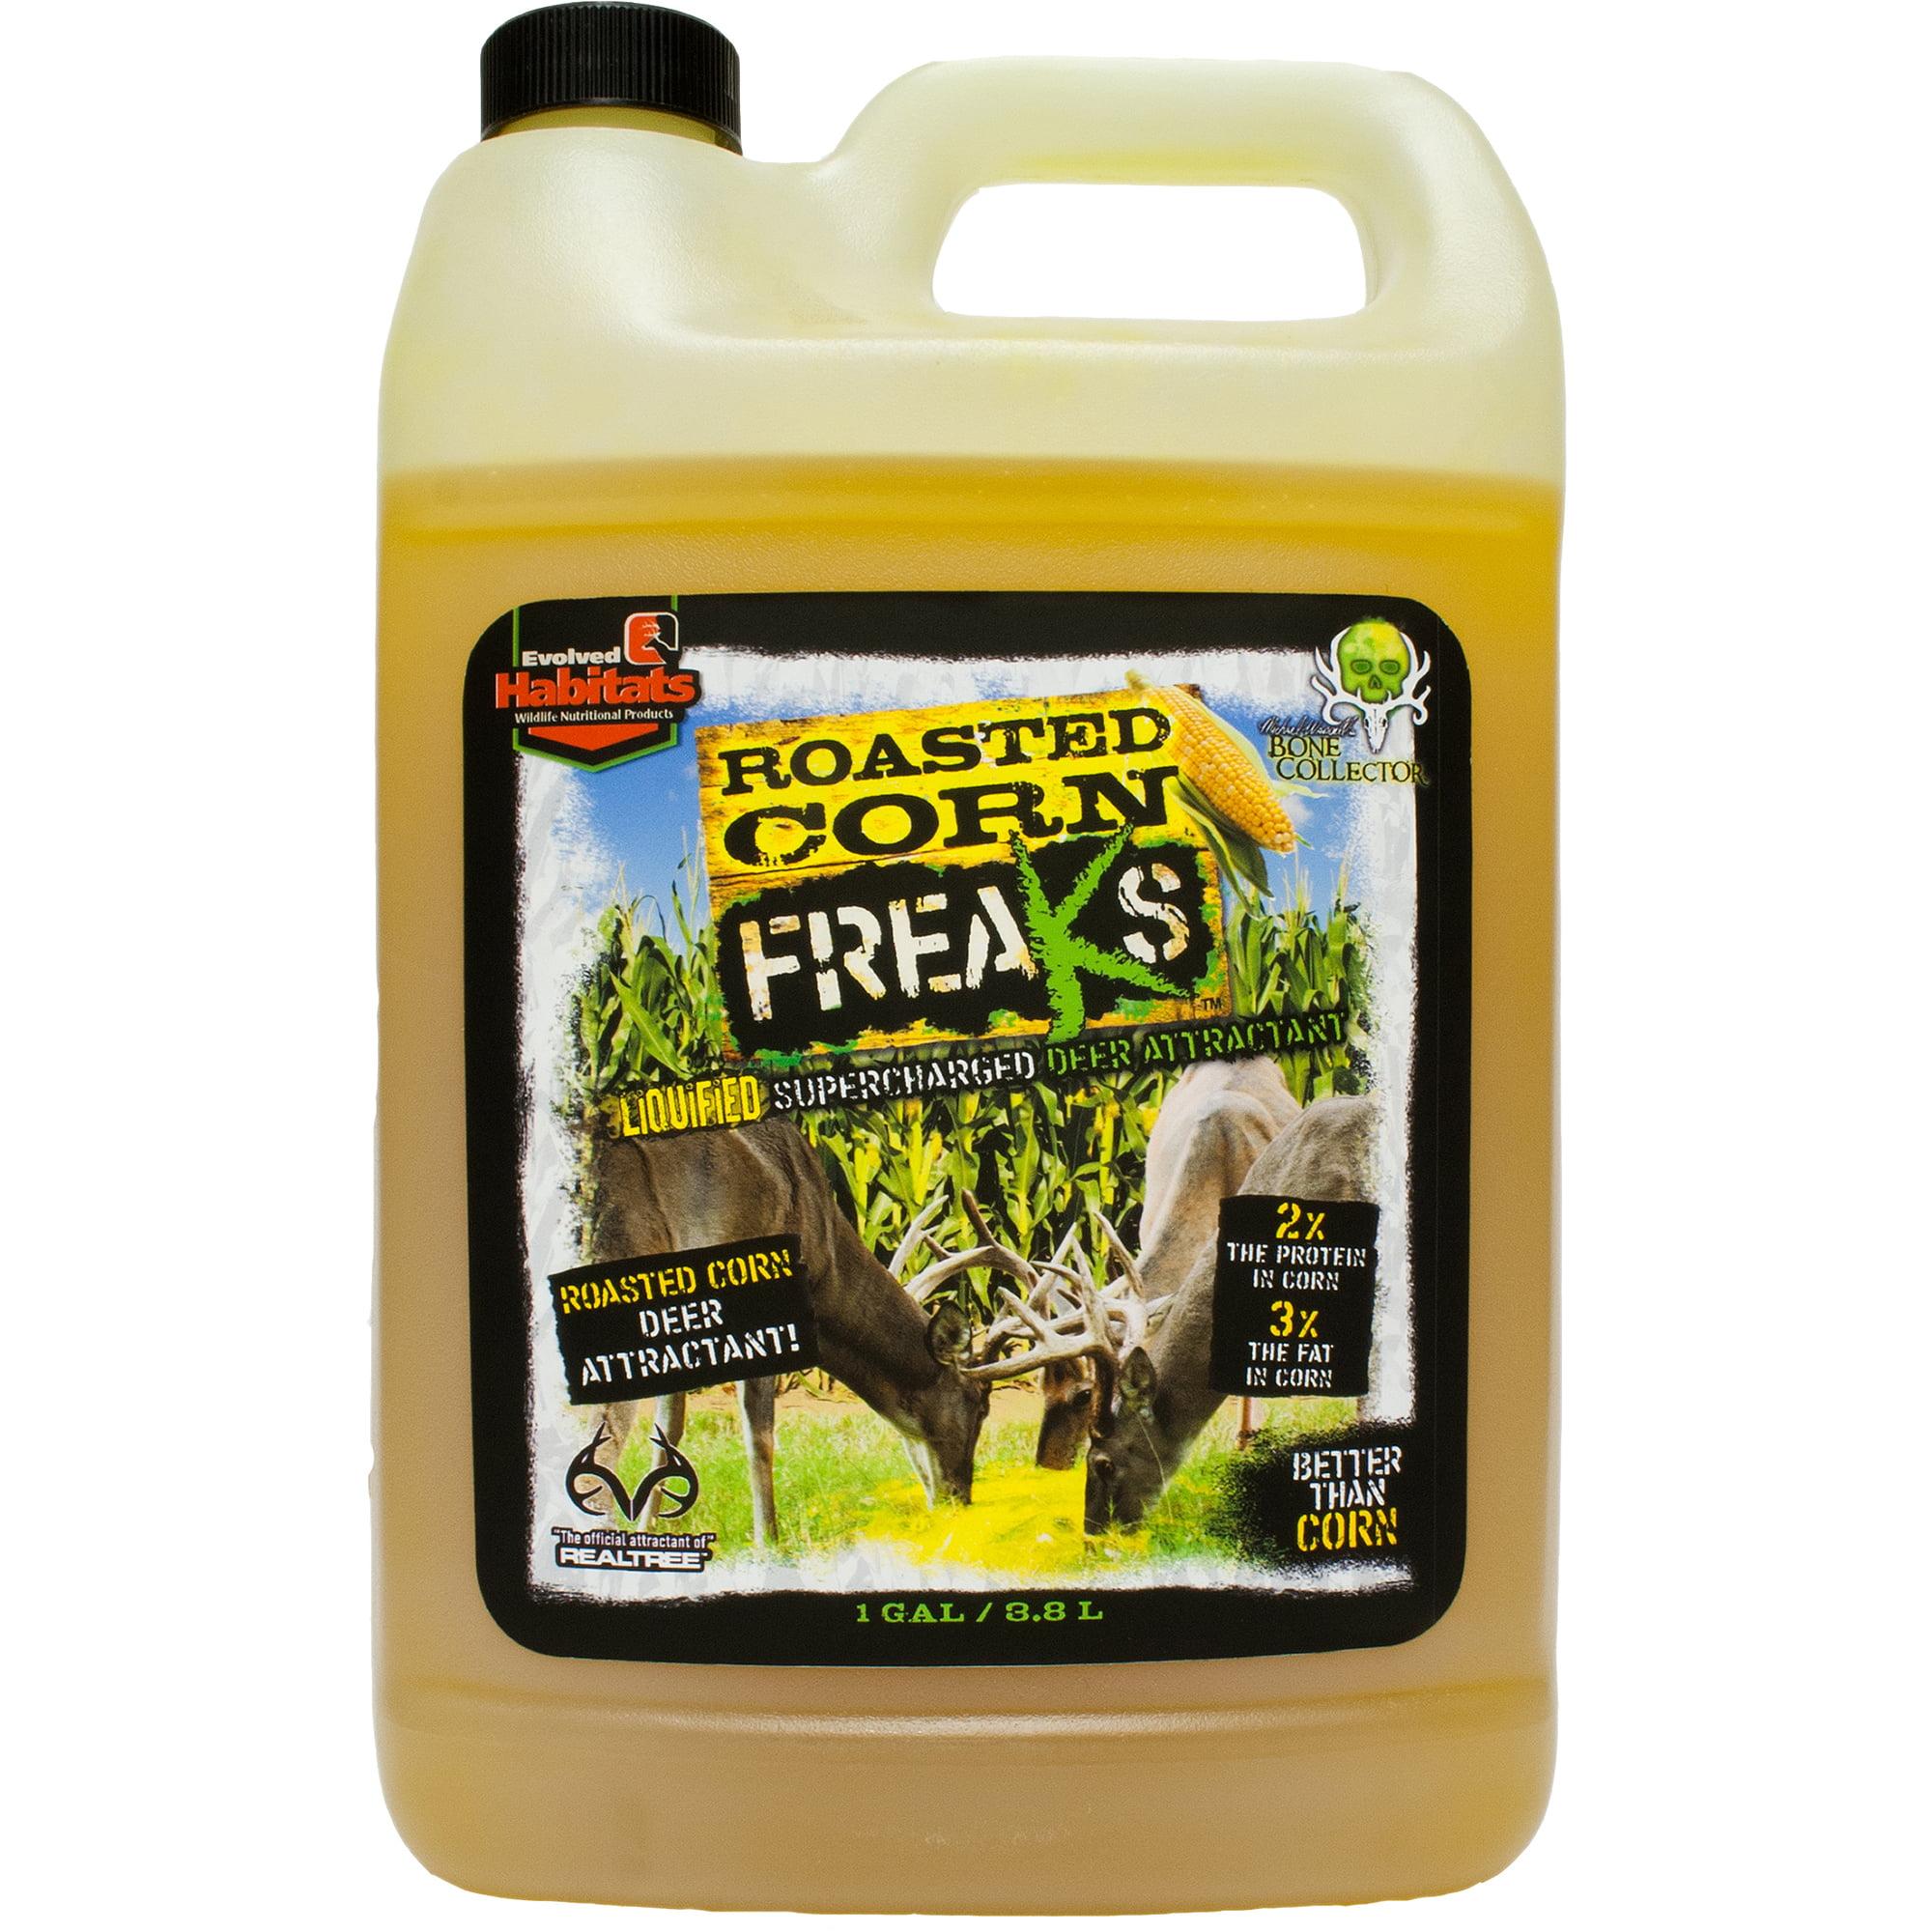 Evolved Industries Roasted Corn Freaks Liquid